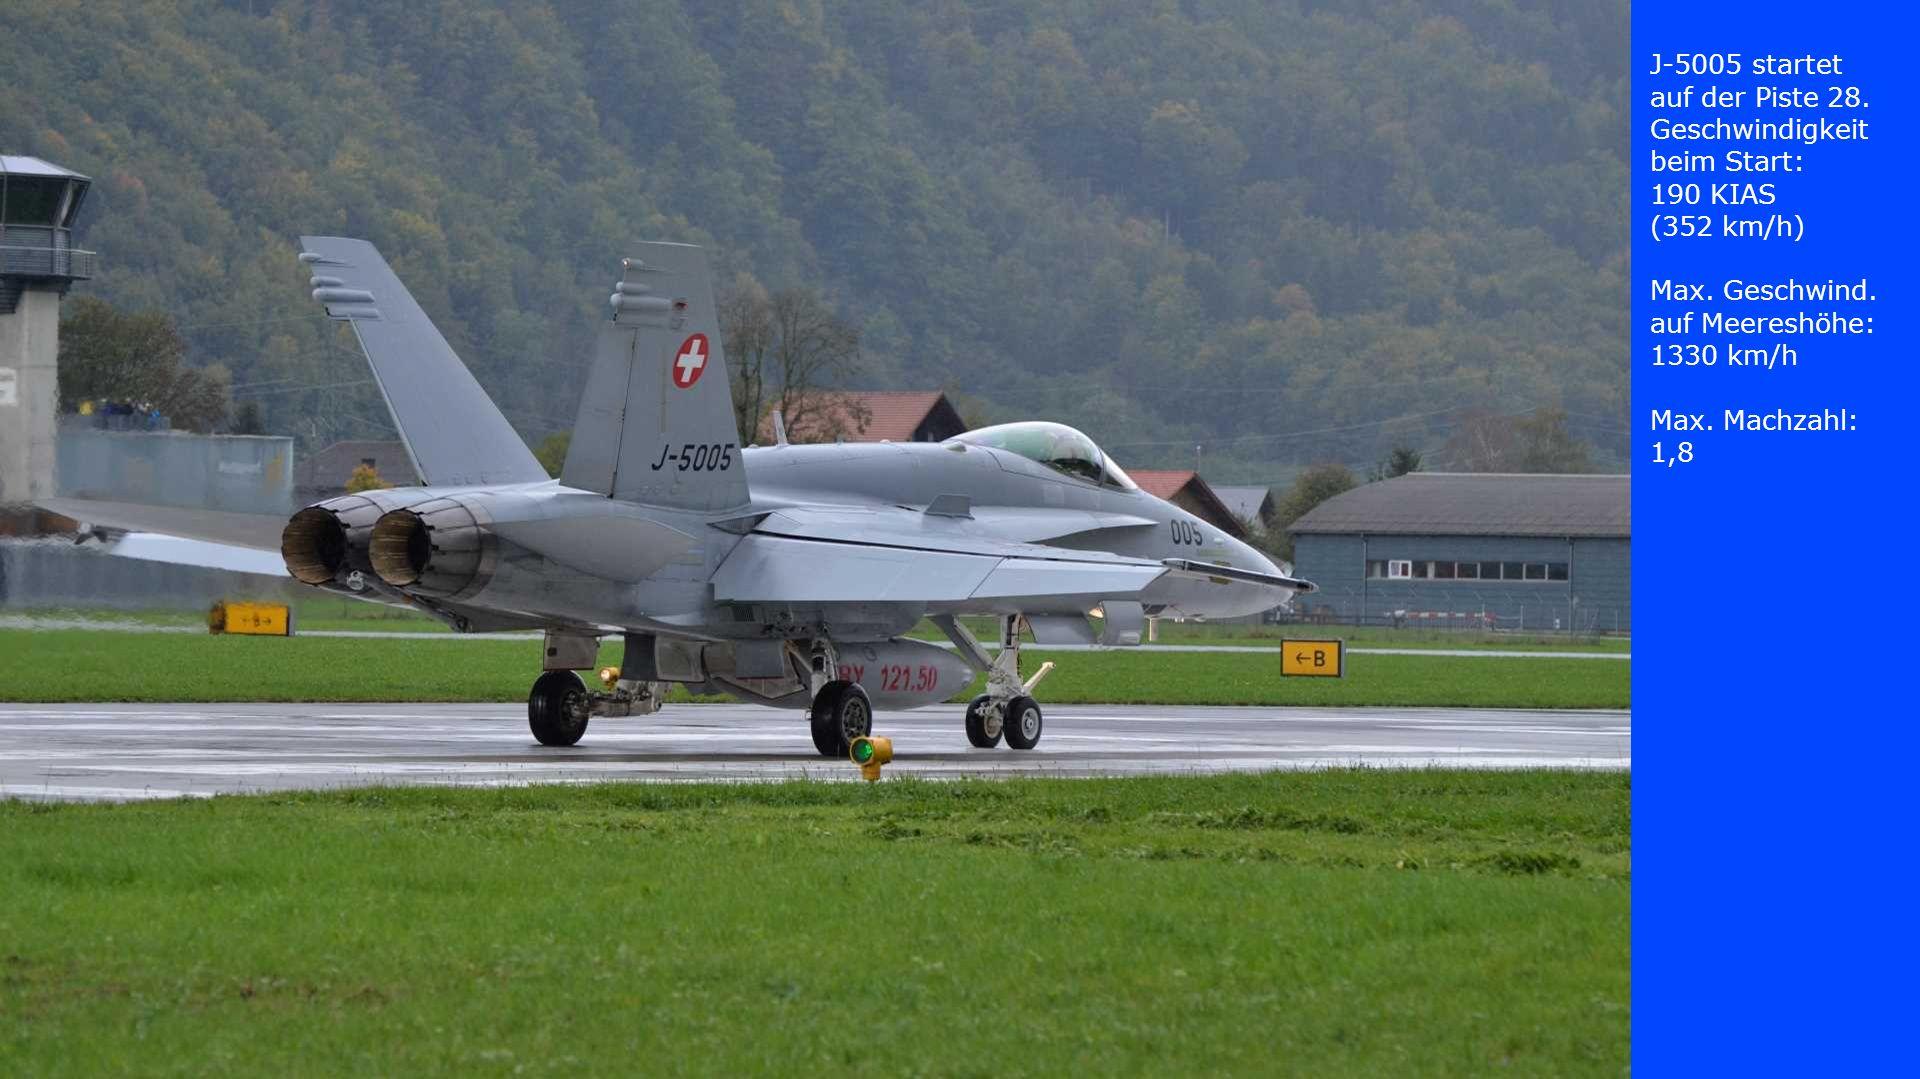 J-5005 startet auf der Piste 28. Geschwindigkeit beim Start: